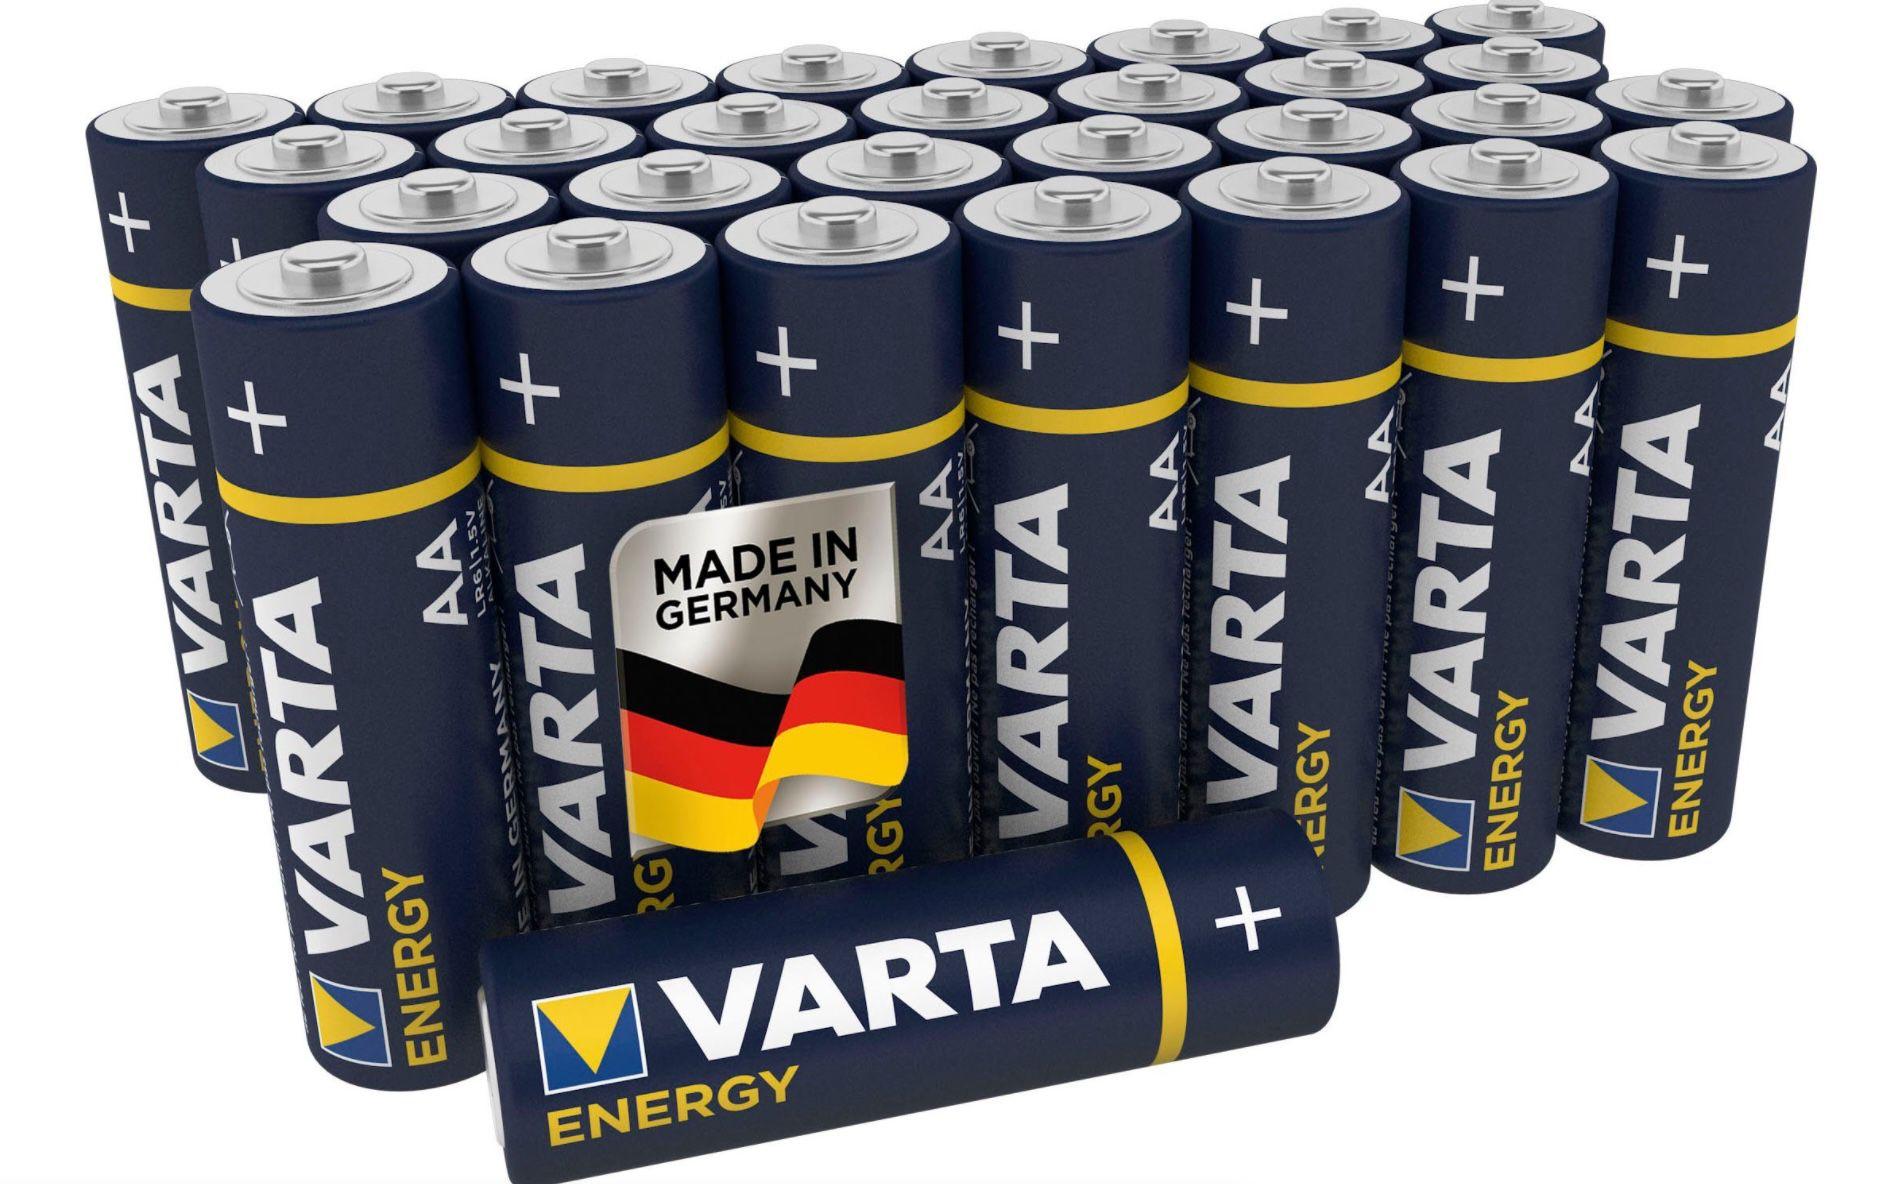 30er Pack VARTA Energy AA Mignon LR6 Alkaline Batterien ab 5,99€ (statt 9€)